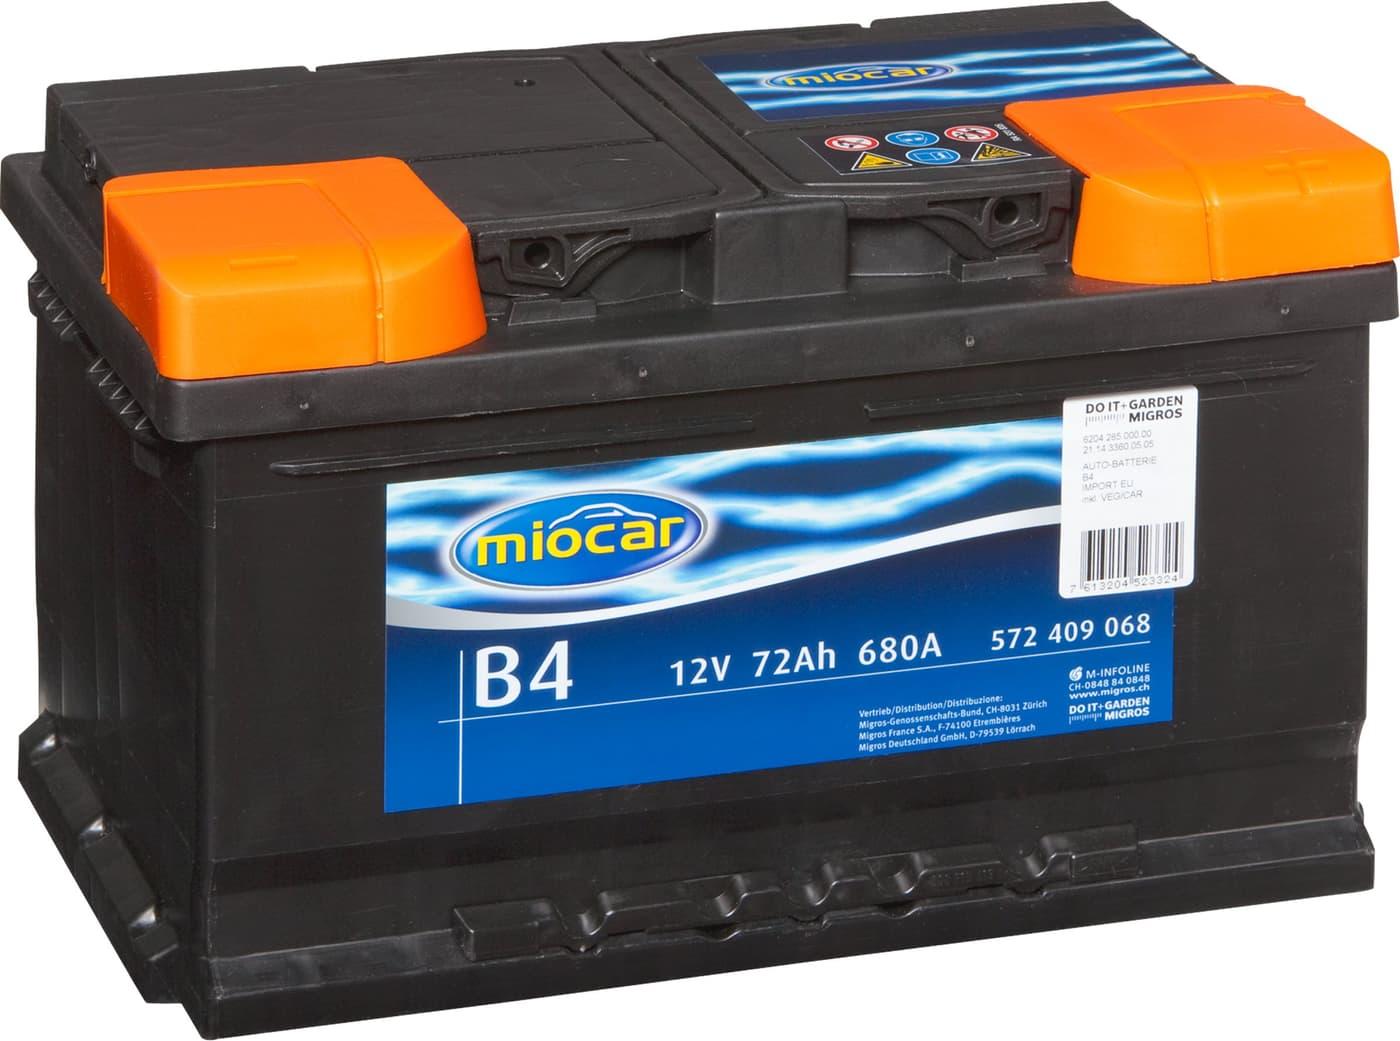 autobatterie b4 12v 72ah 680a migros. Black Bedroom Furniture Sets. Home Design Ideas